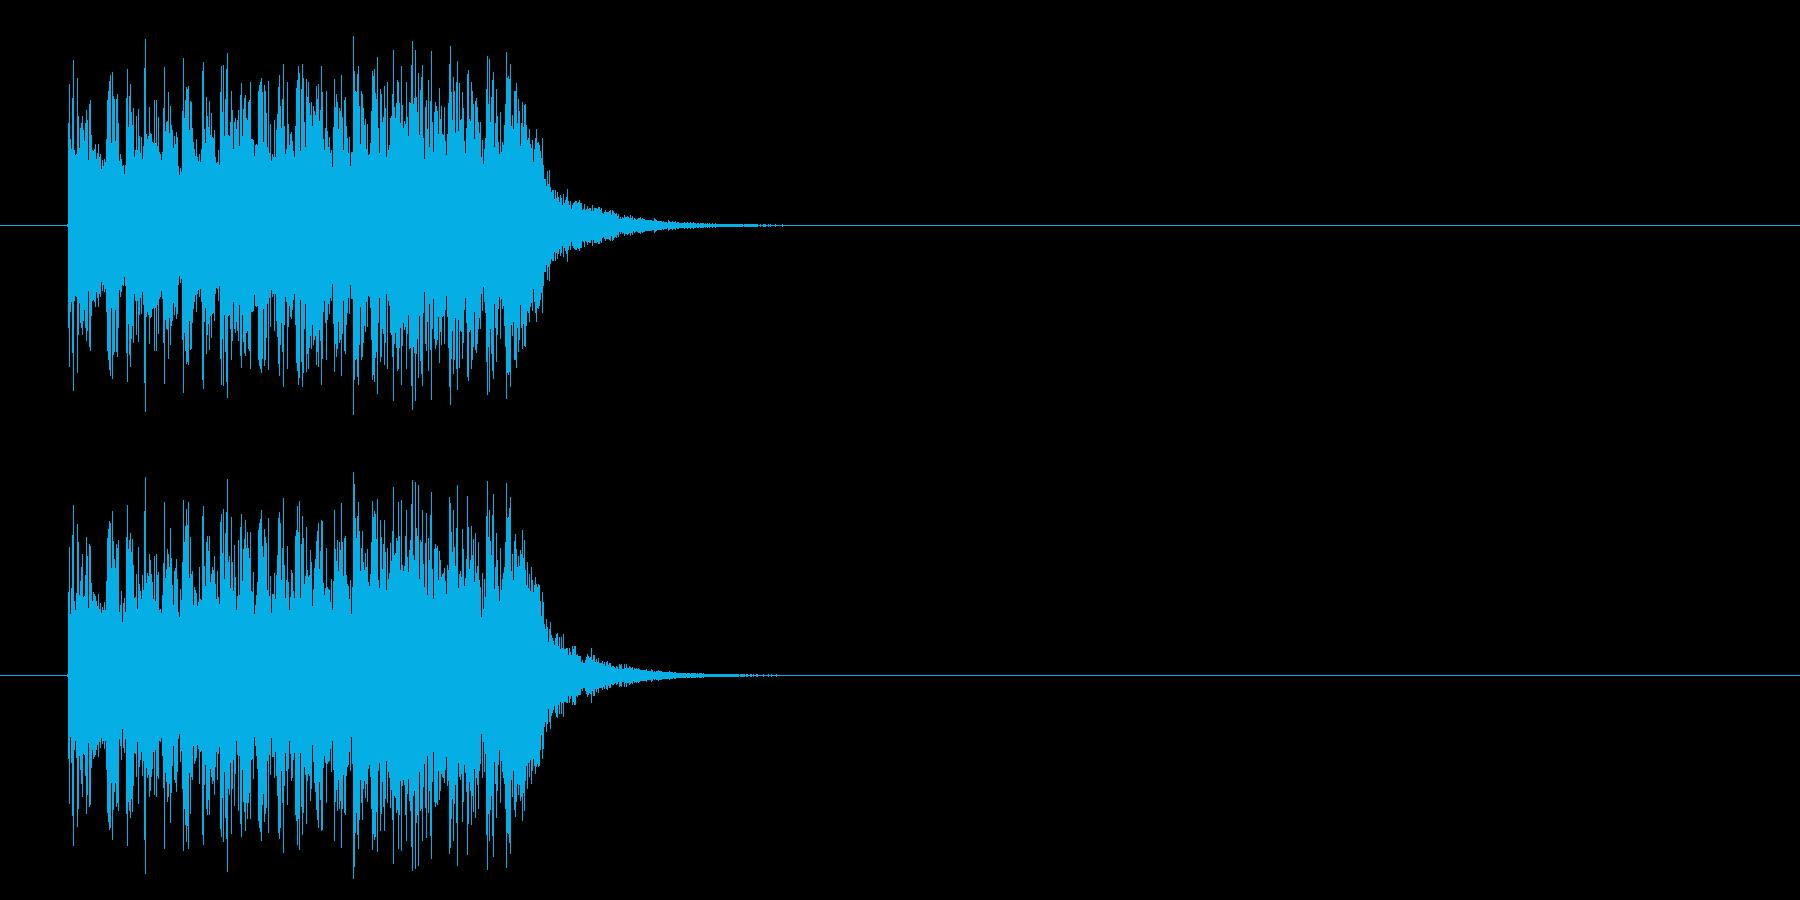 コーナーアタック風ポップのジングルの再生済みの波形